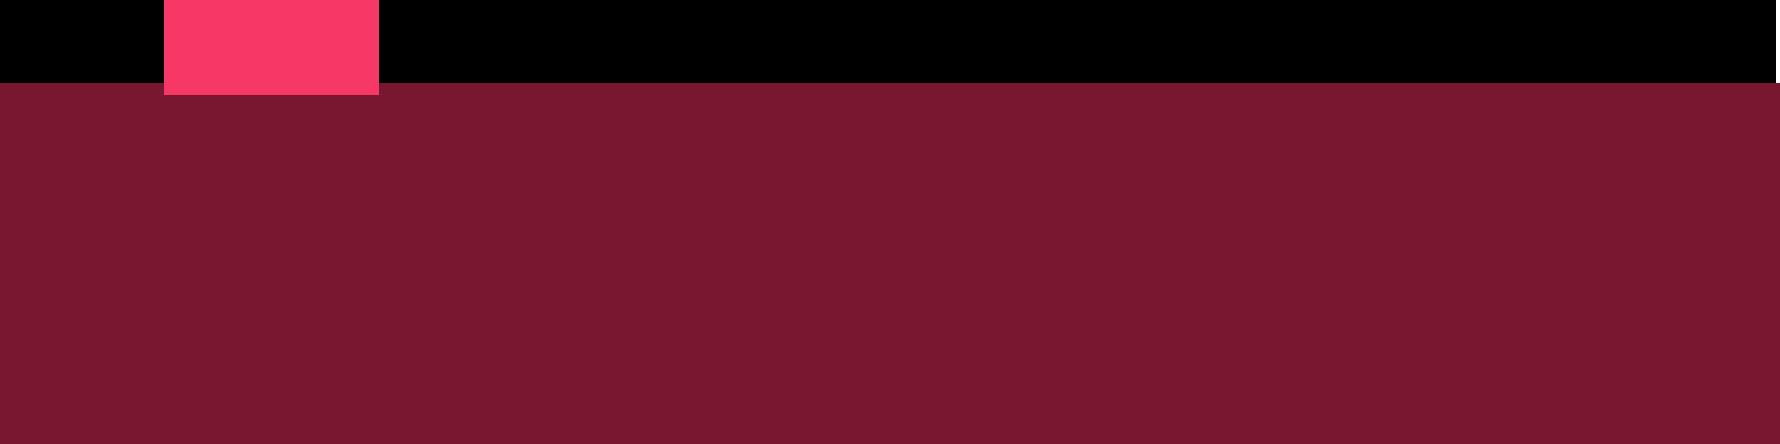 Reumafonds Dare Creative